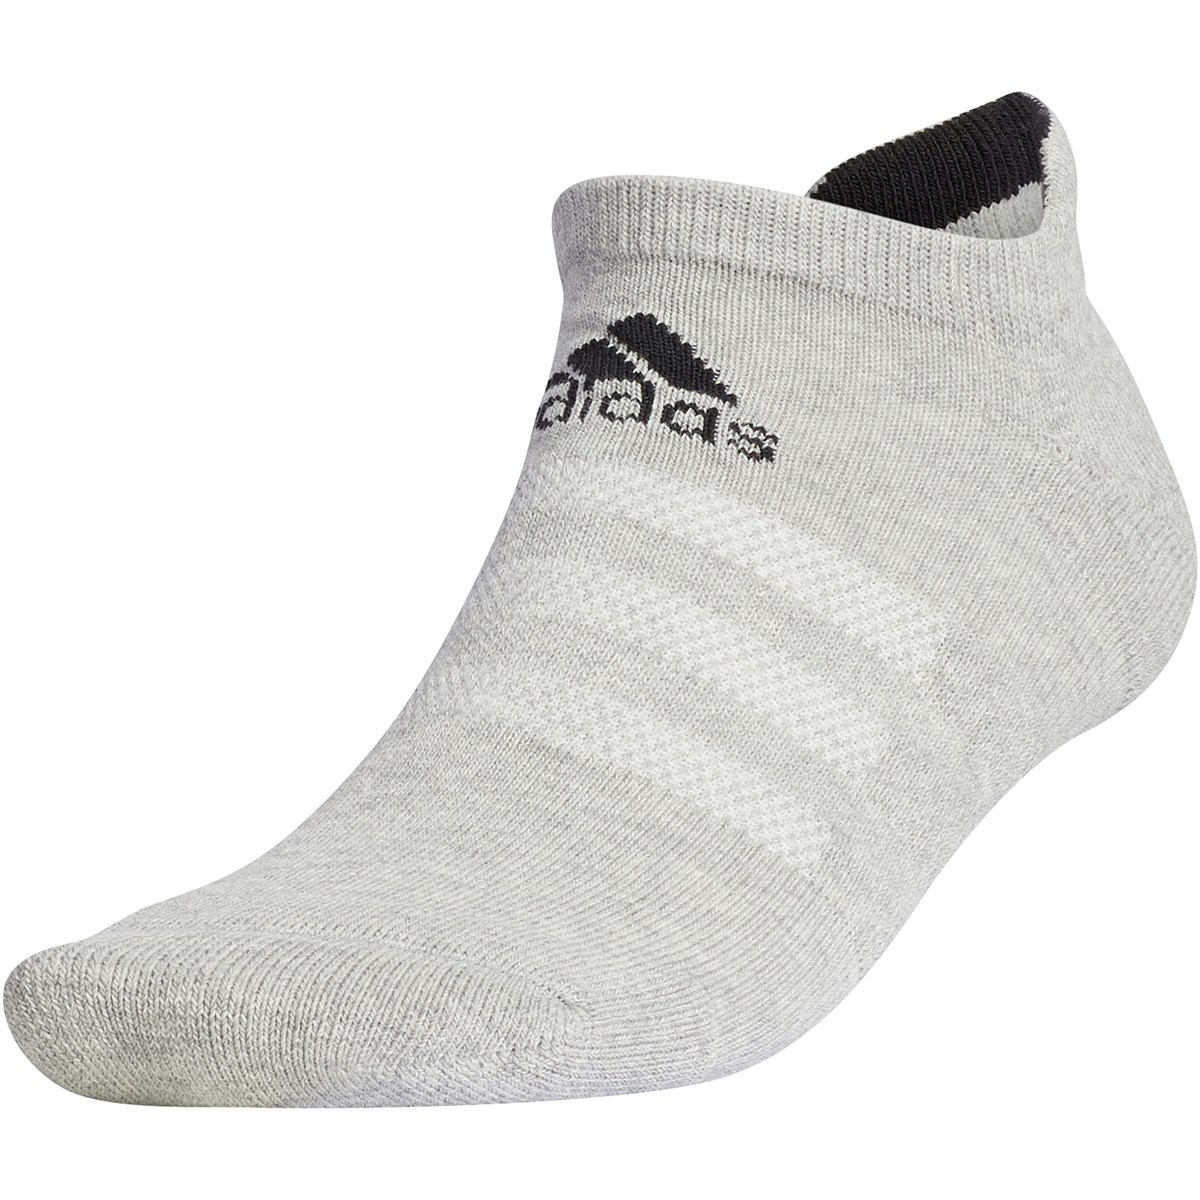 アディダス Adidas ローカットソックス M ミディアムグレイヘザー/ブラック